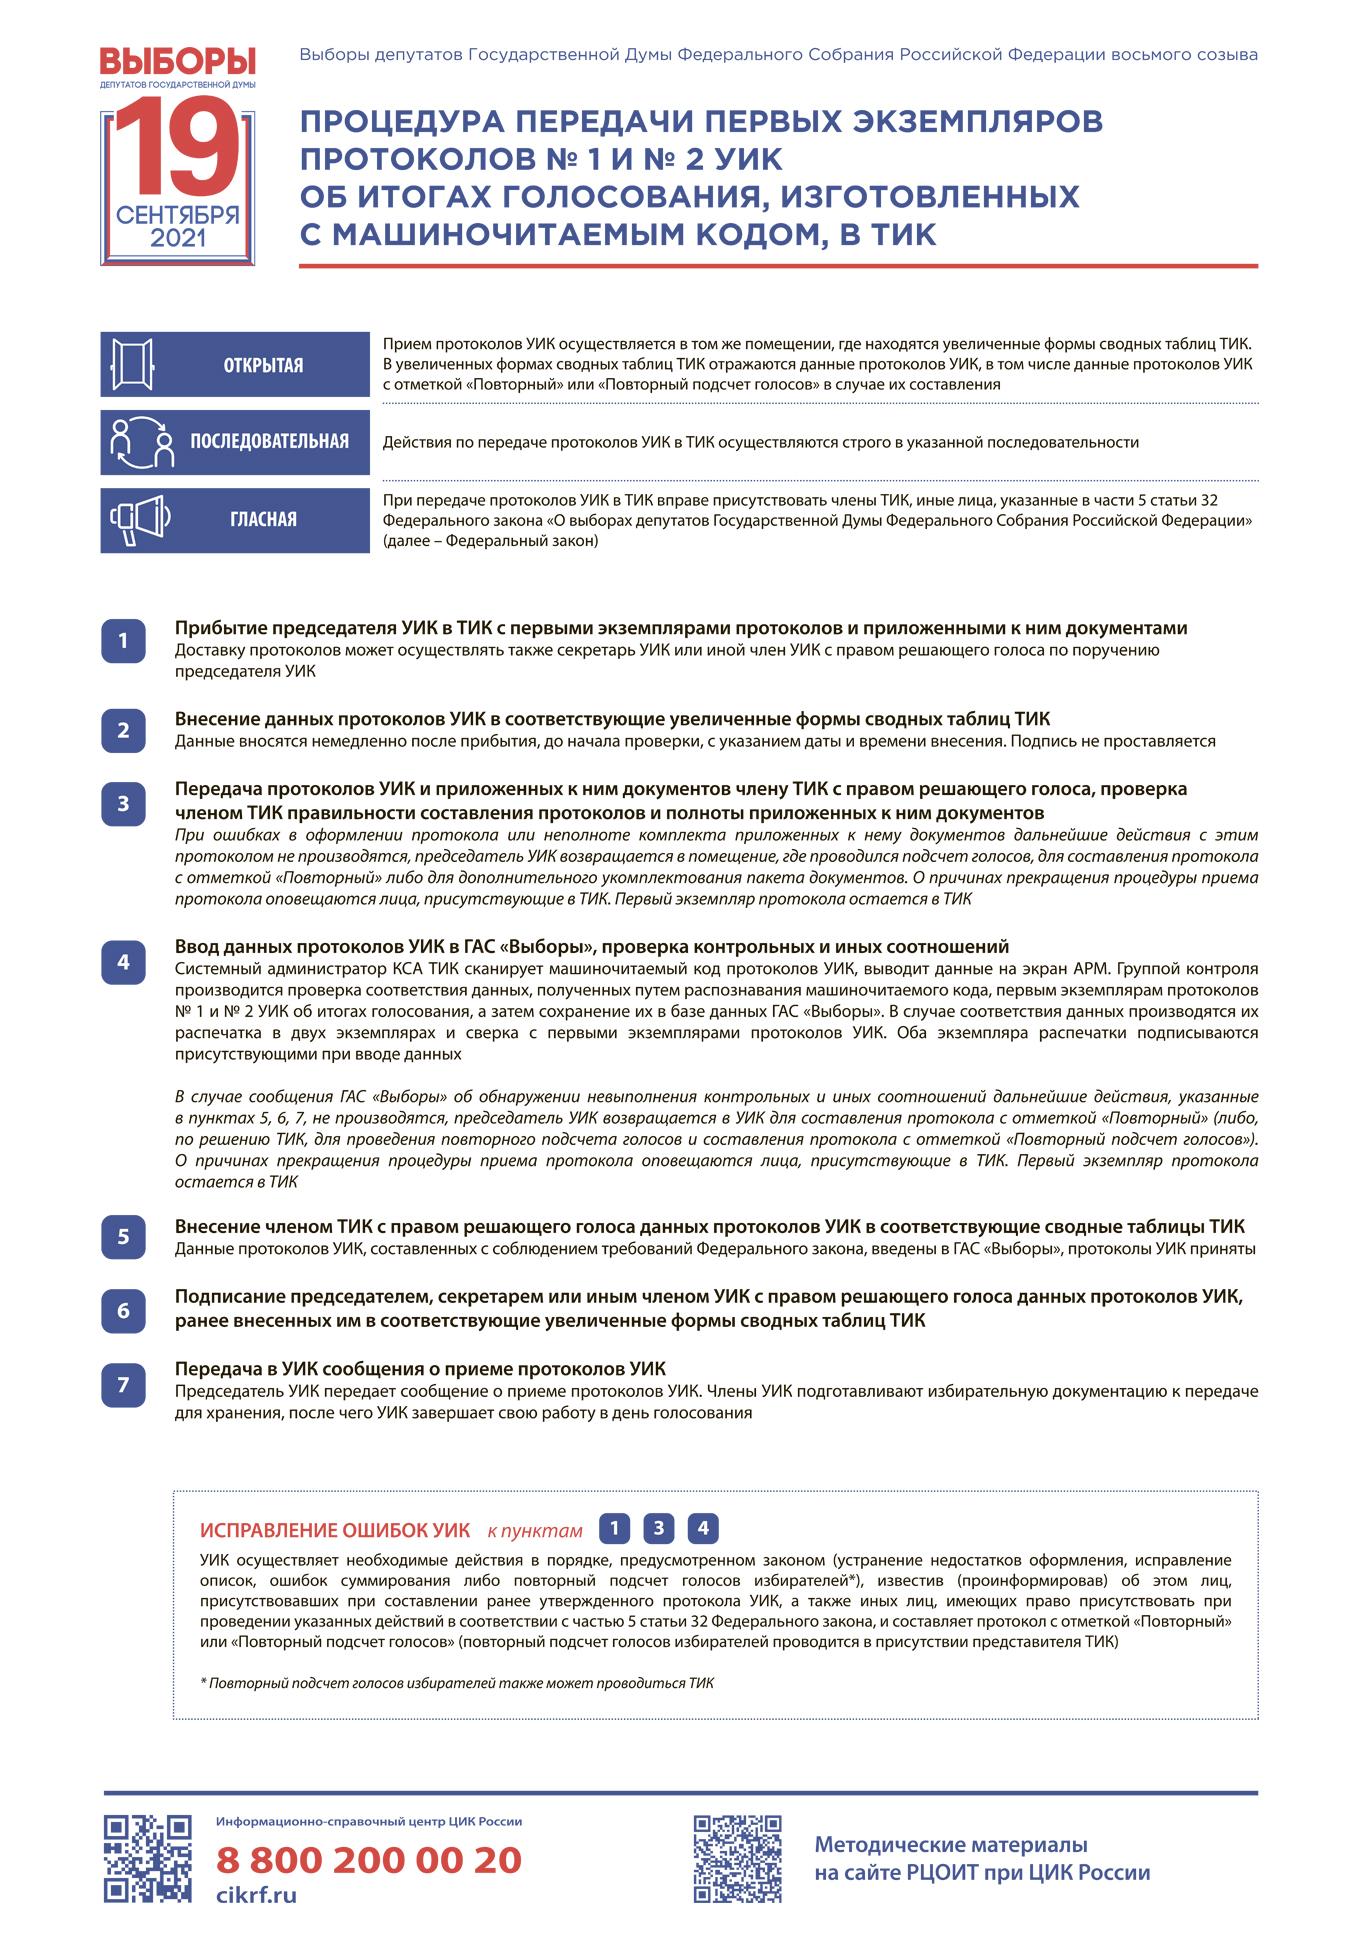 Процедура передачи первых экземпляров протоколов № 1 и № 2 УИК с машиночитаемым кодом, в ТИК